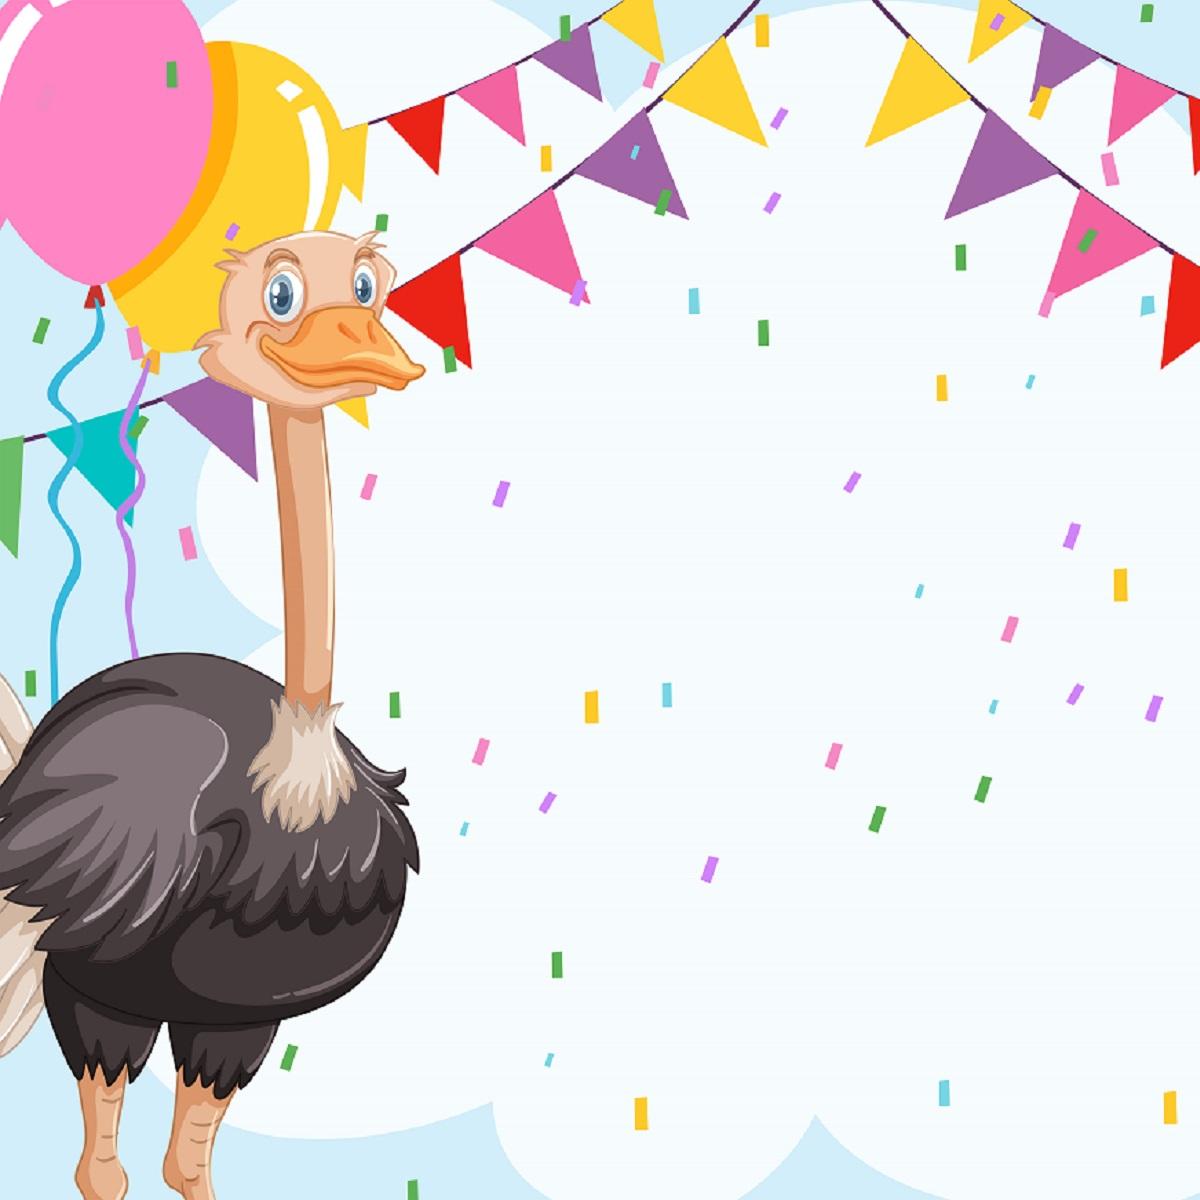 Emu celebration invitiaion card